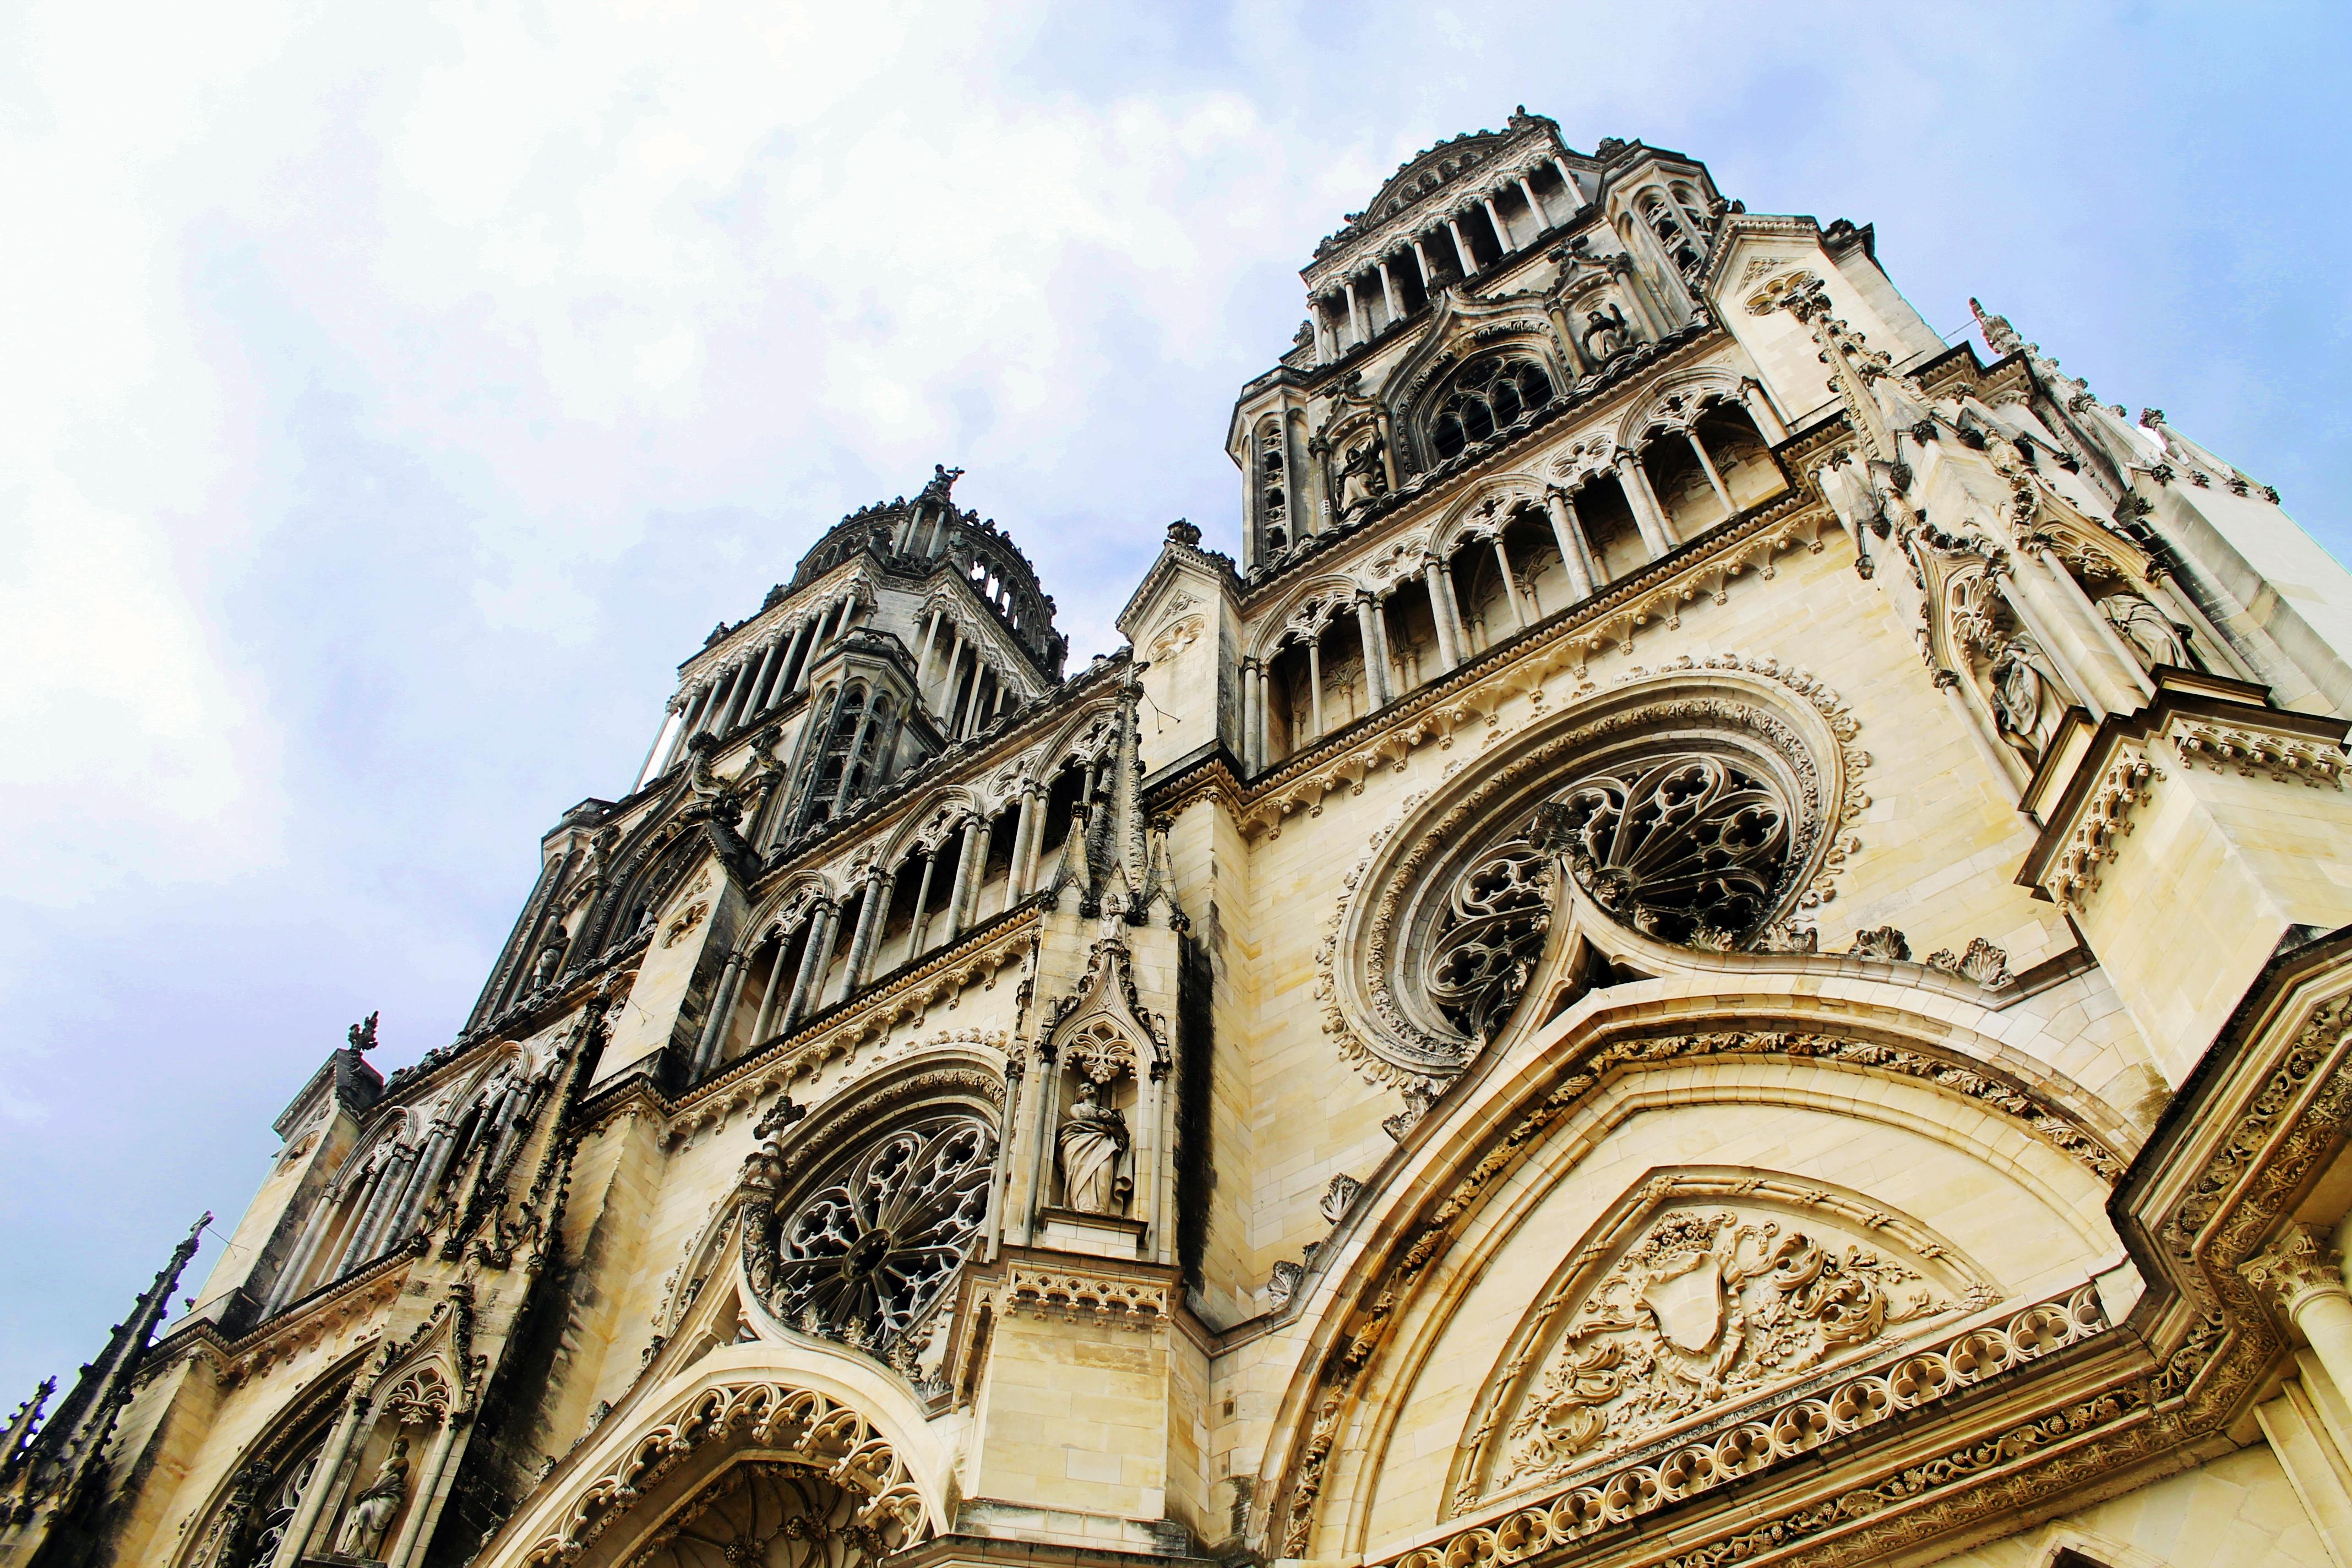 Drawing Dreaming - guia de visita de Orléans, Loire - Cathédrale Sainte-Croix